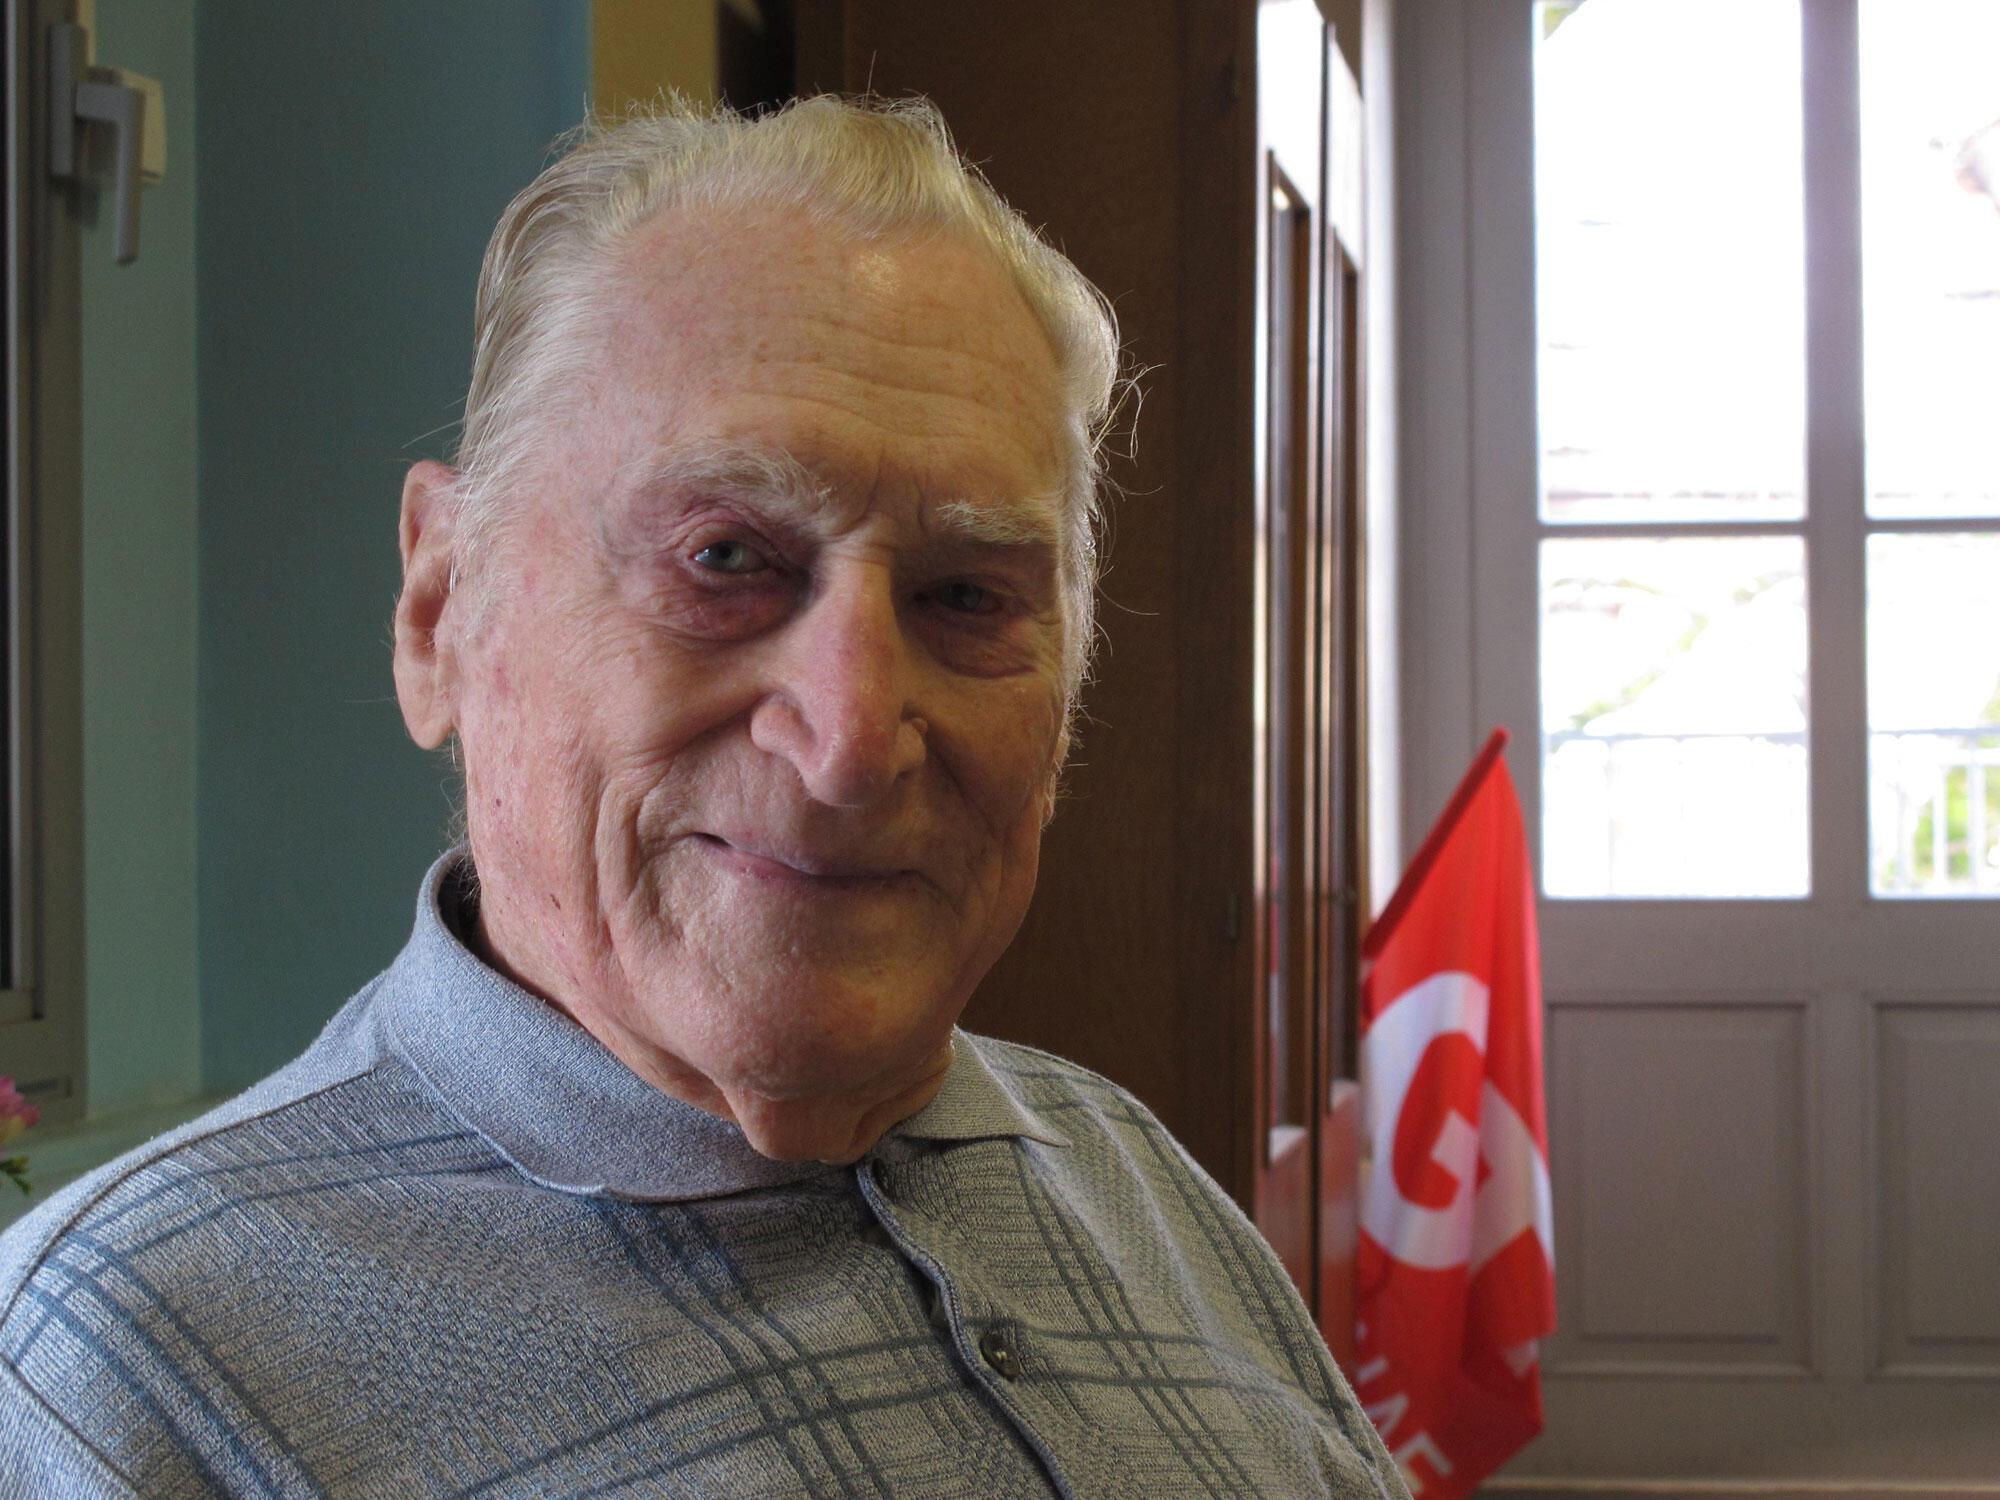 Jolfred Frégonara, ancien responsable CGT de Haute-Savoie, pionnier de la Sécurité sociale.